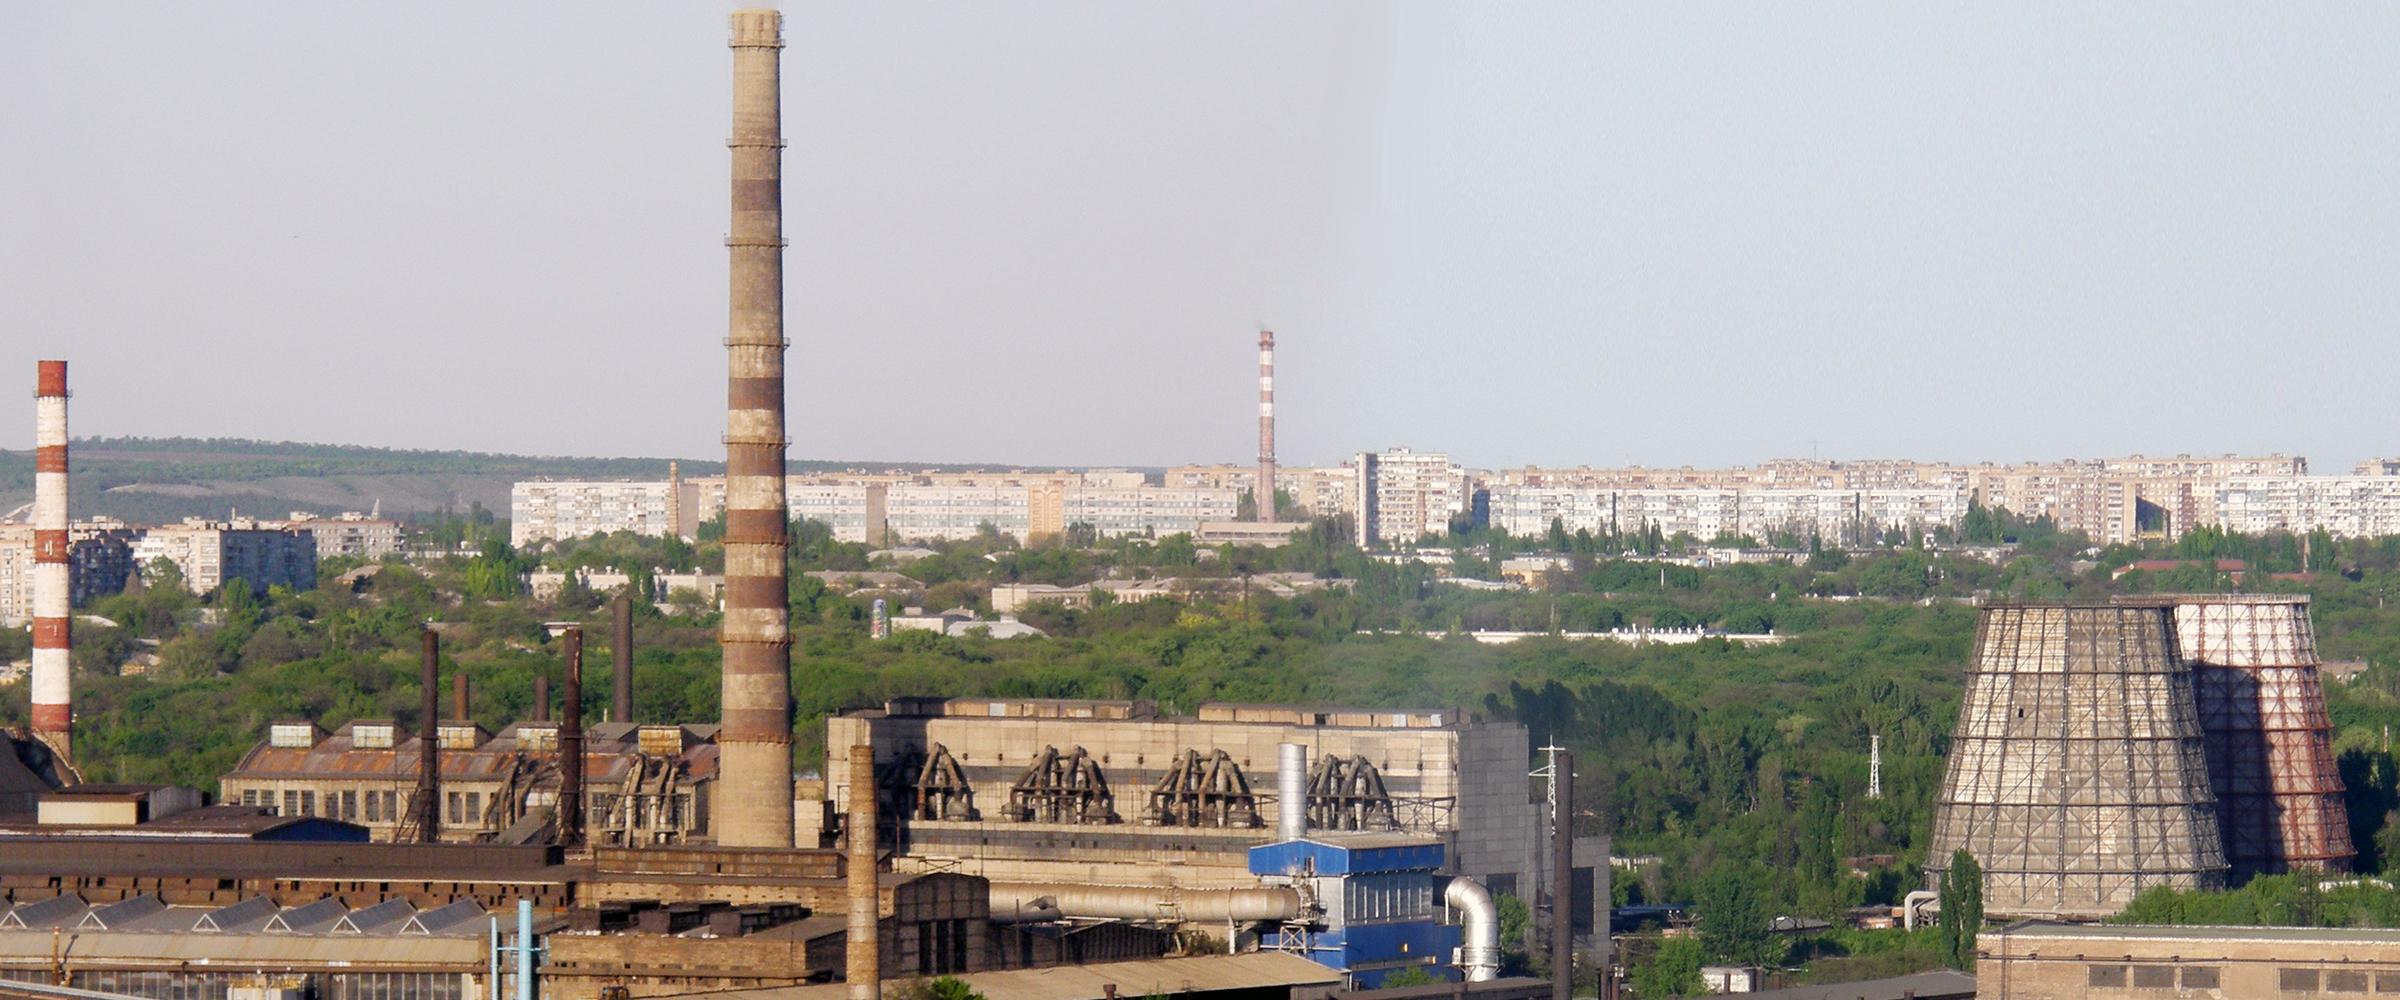 МЧС ДНР сообщило о росте числа смертельных болезней в Донбассе из-за выбросов на краматорском заводе